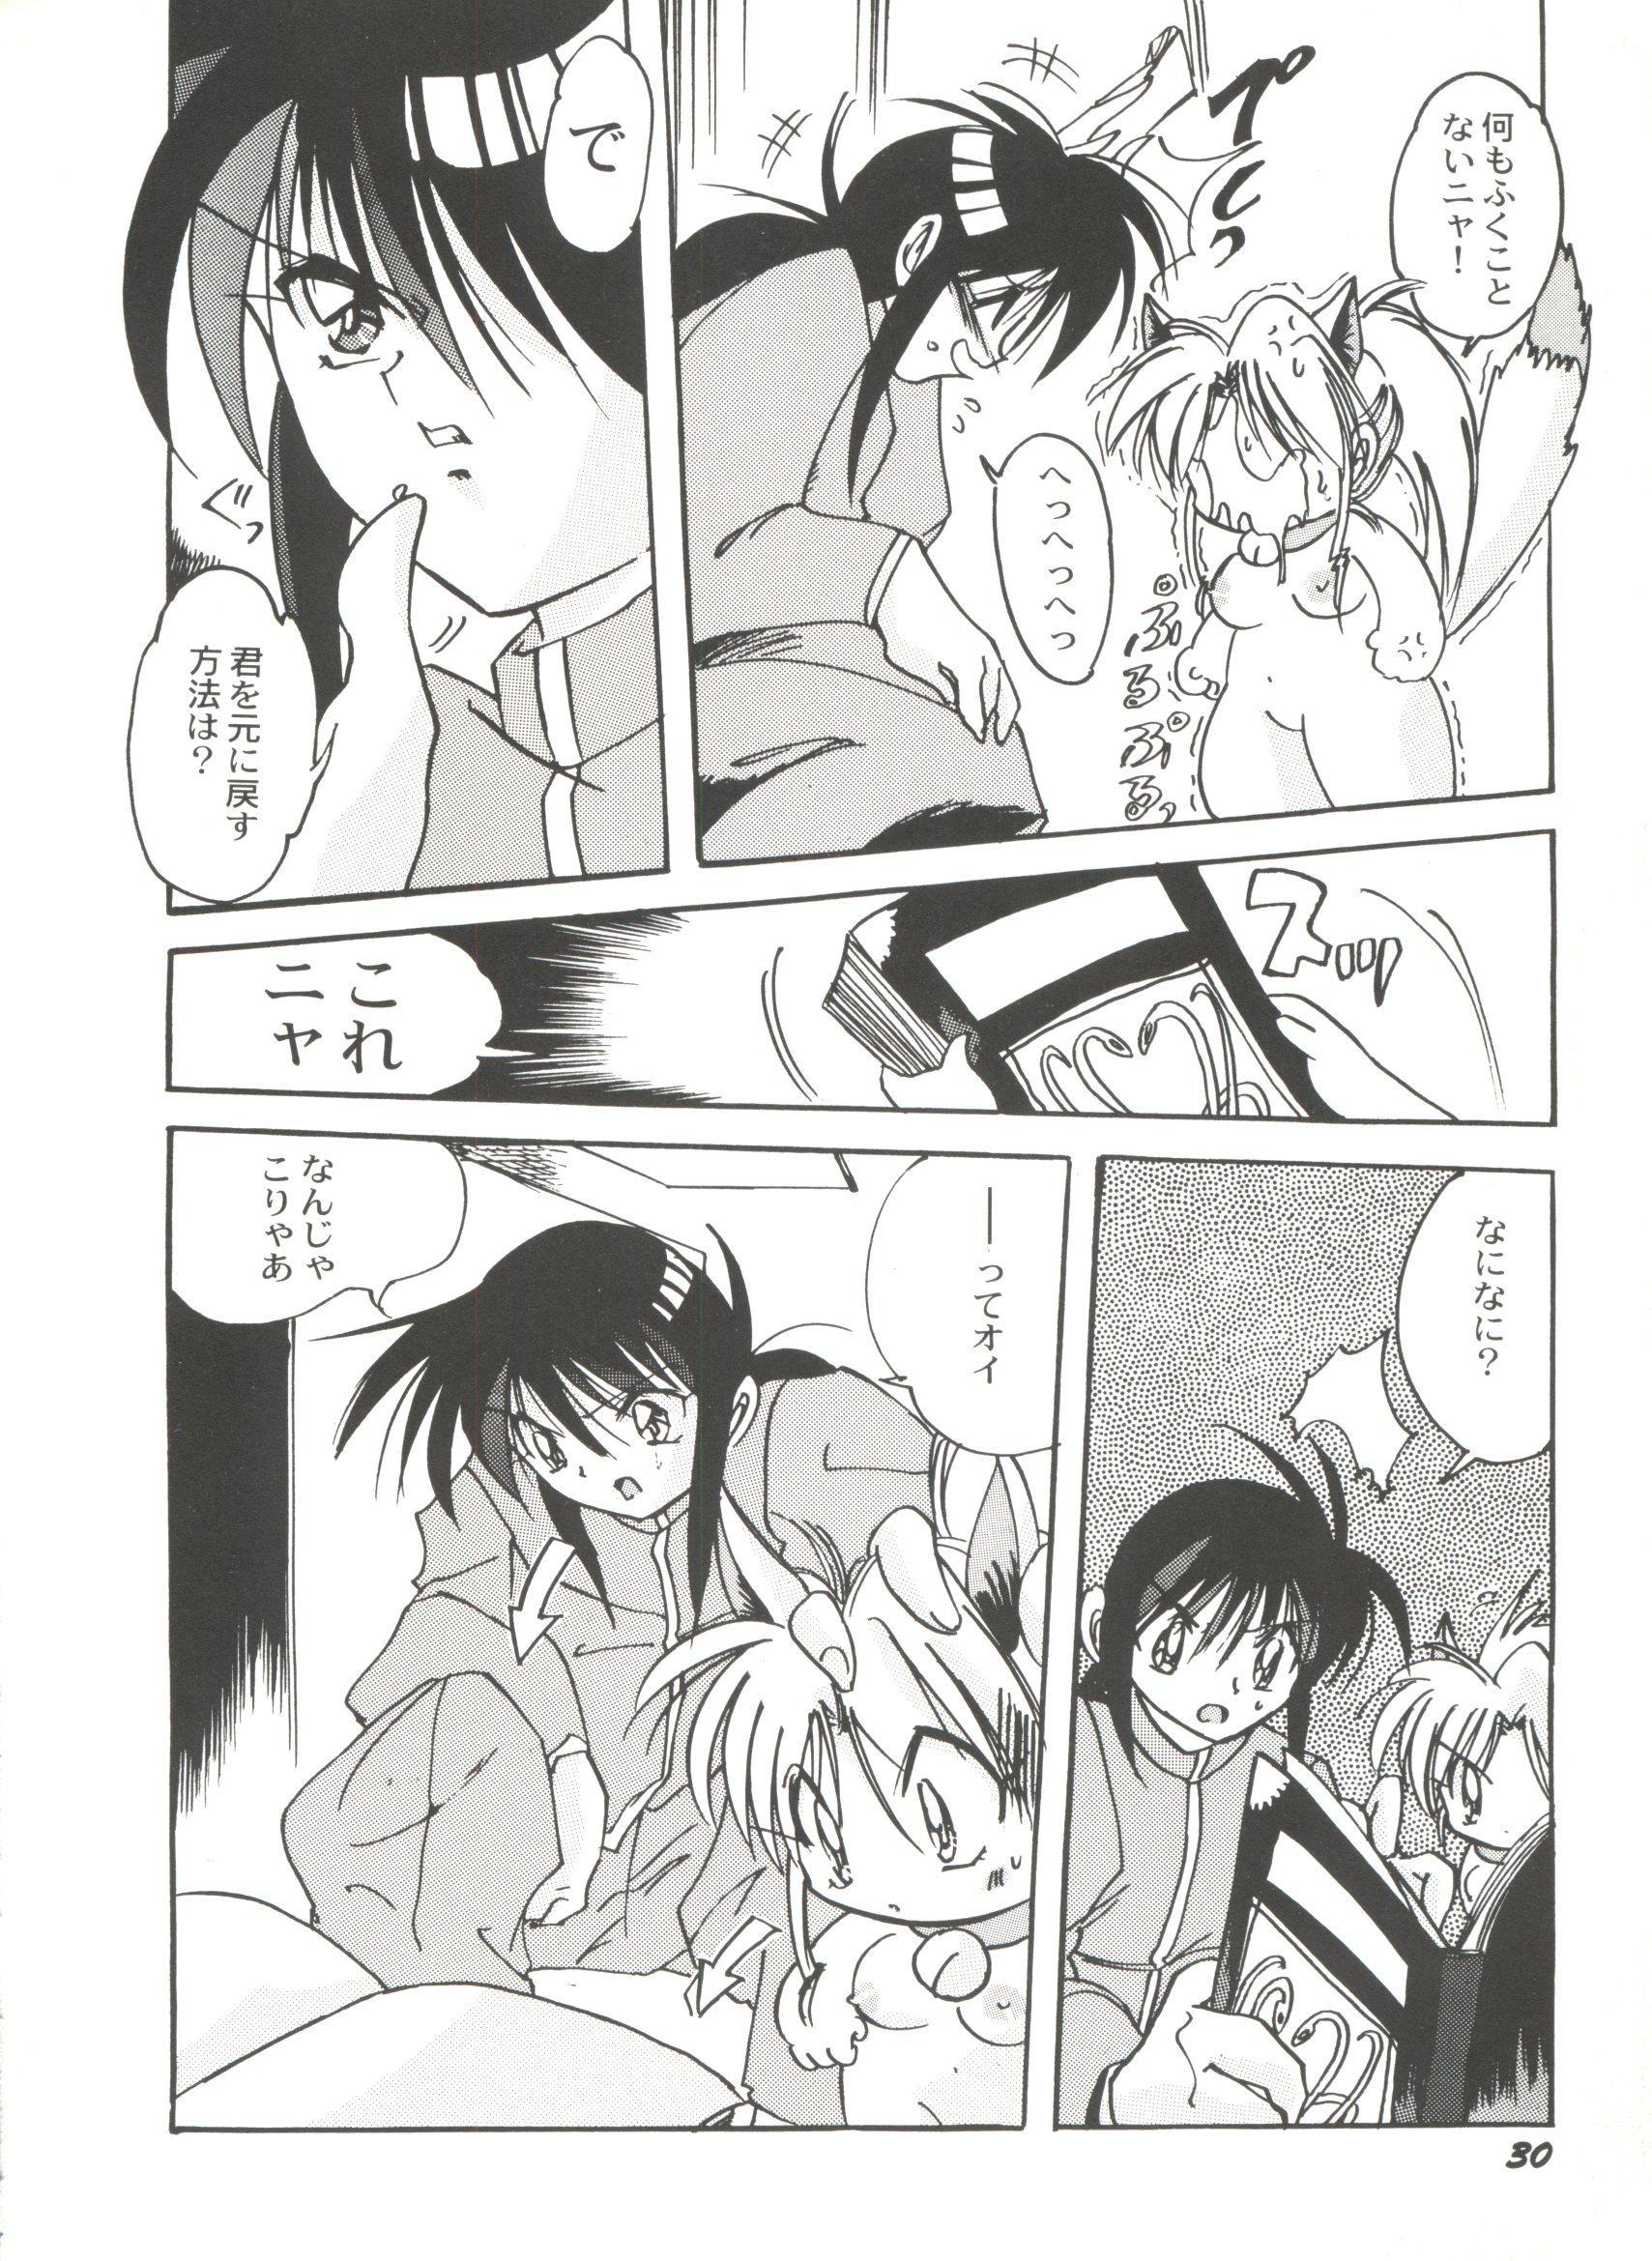 Bishoujo Doujinshi Anthology Cute 5 32